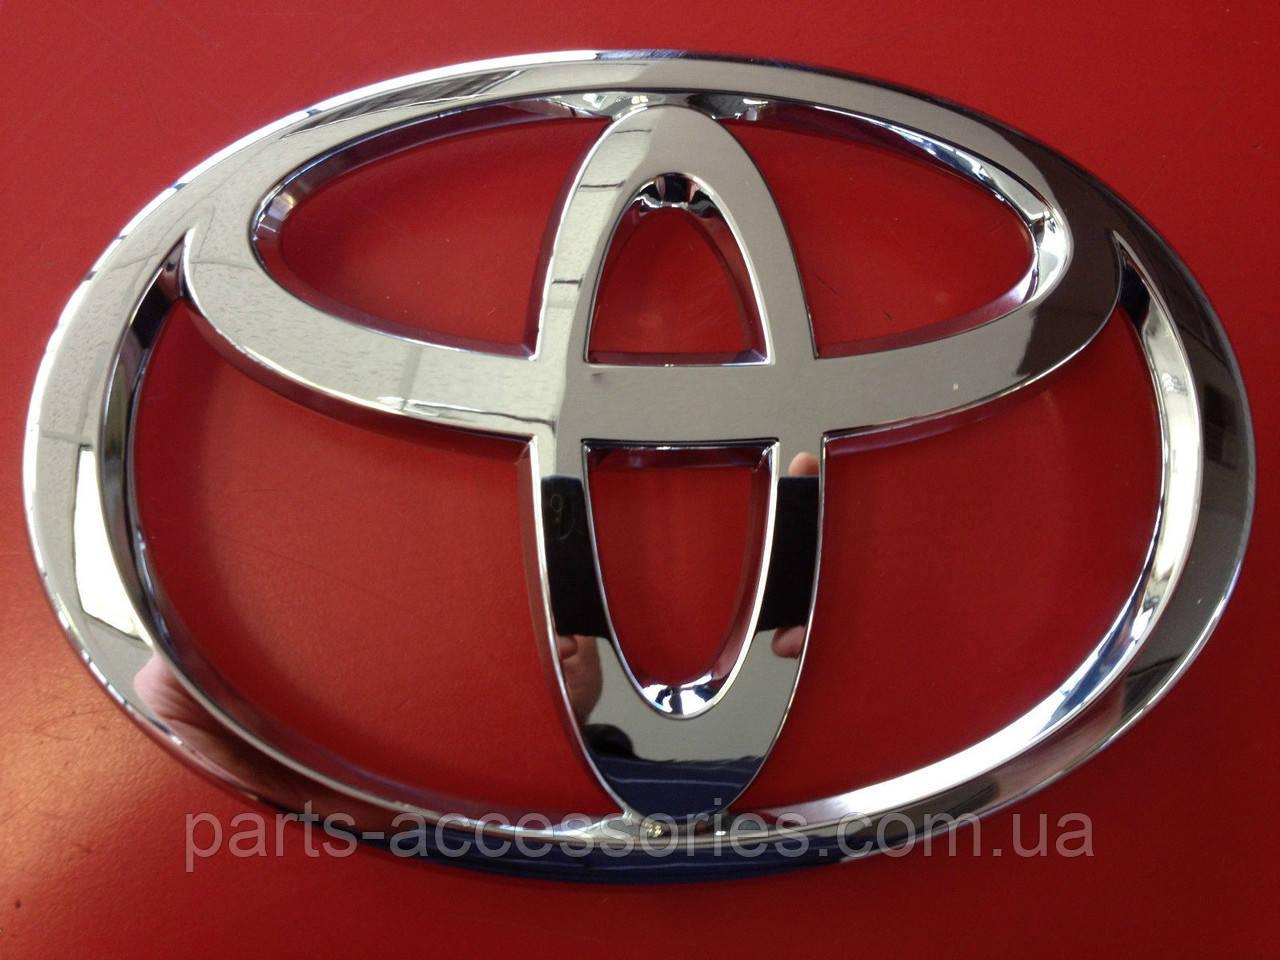 Toyota FJ Cruiser 2007-14 эмблема значок на багажник Новый Оригинал